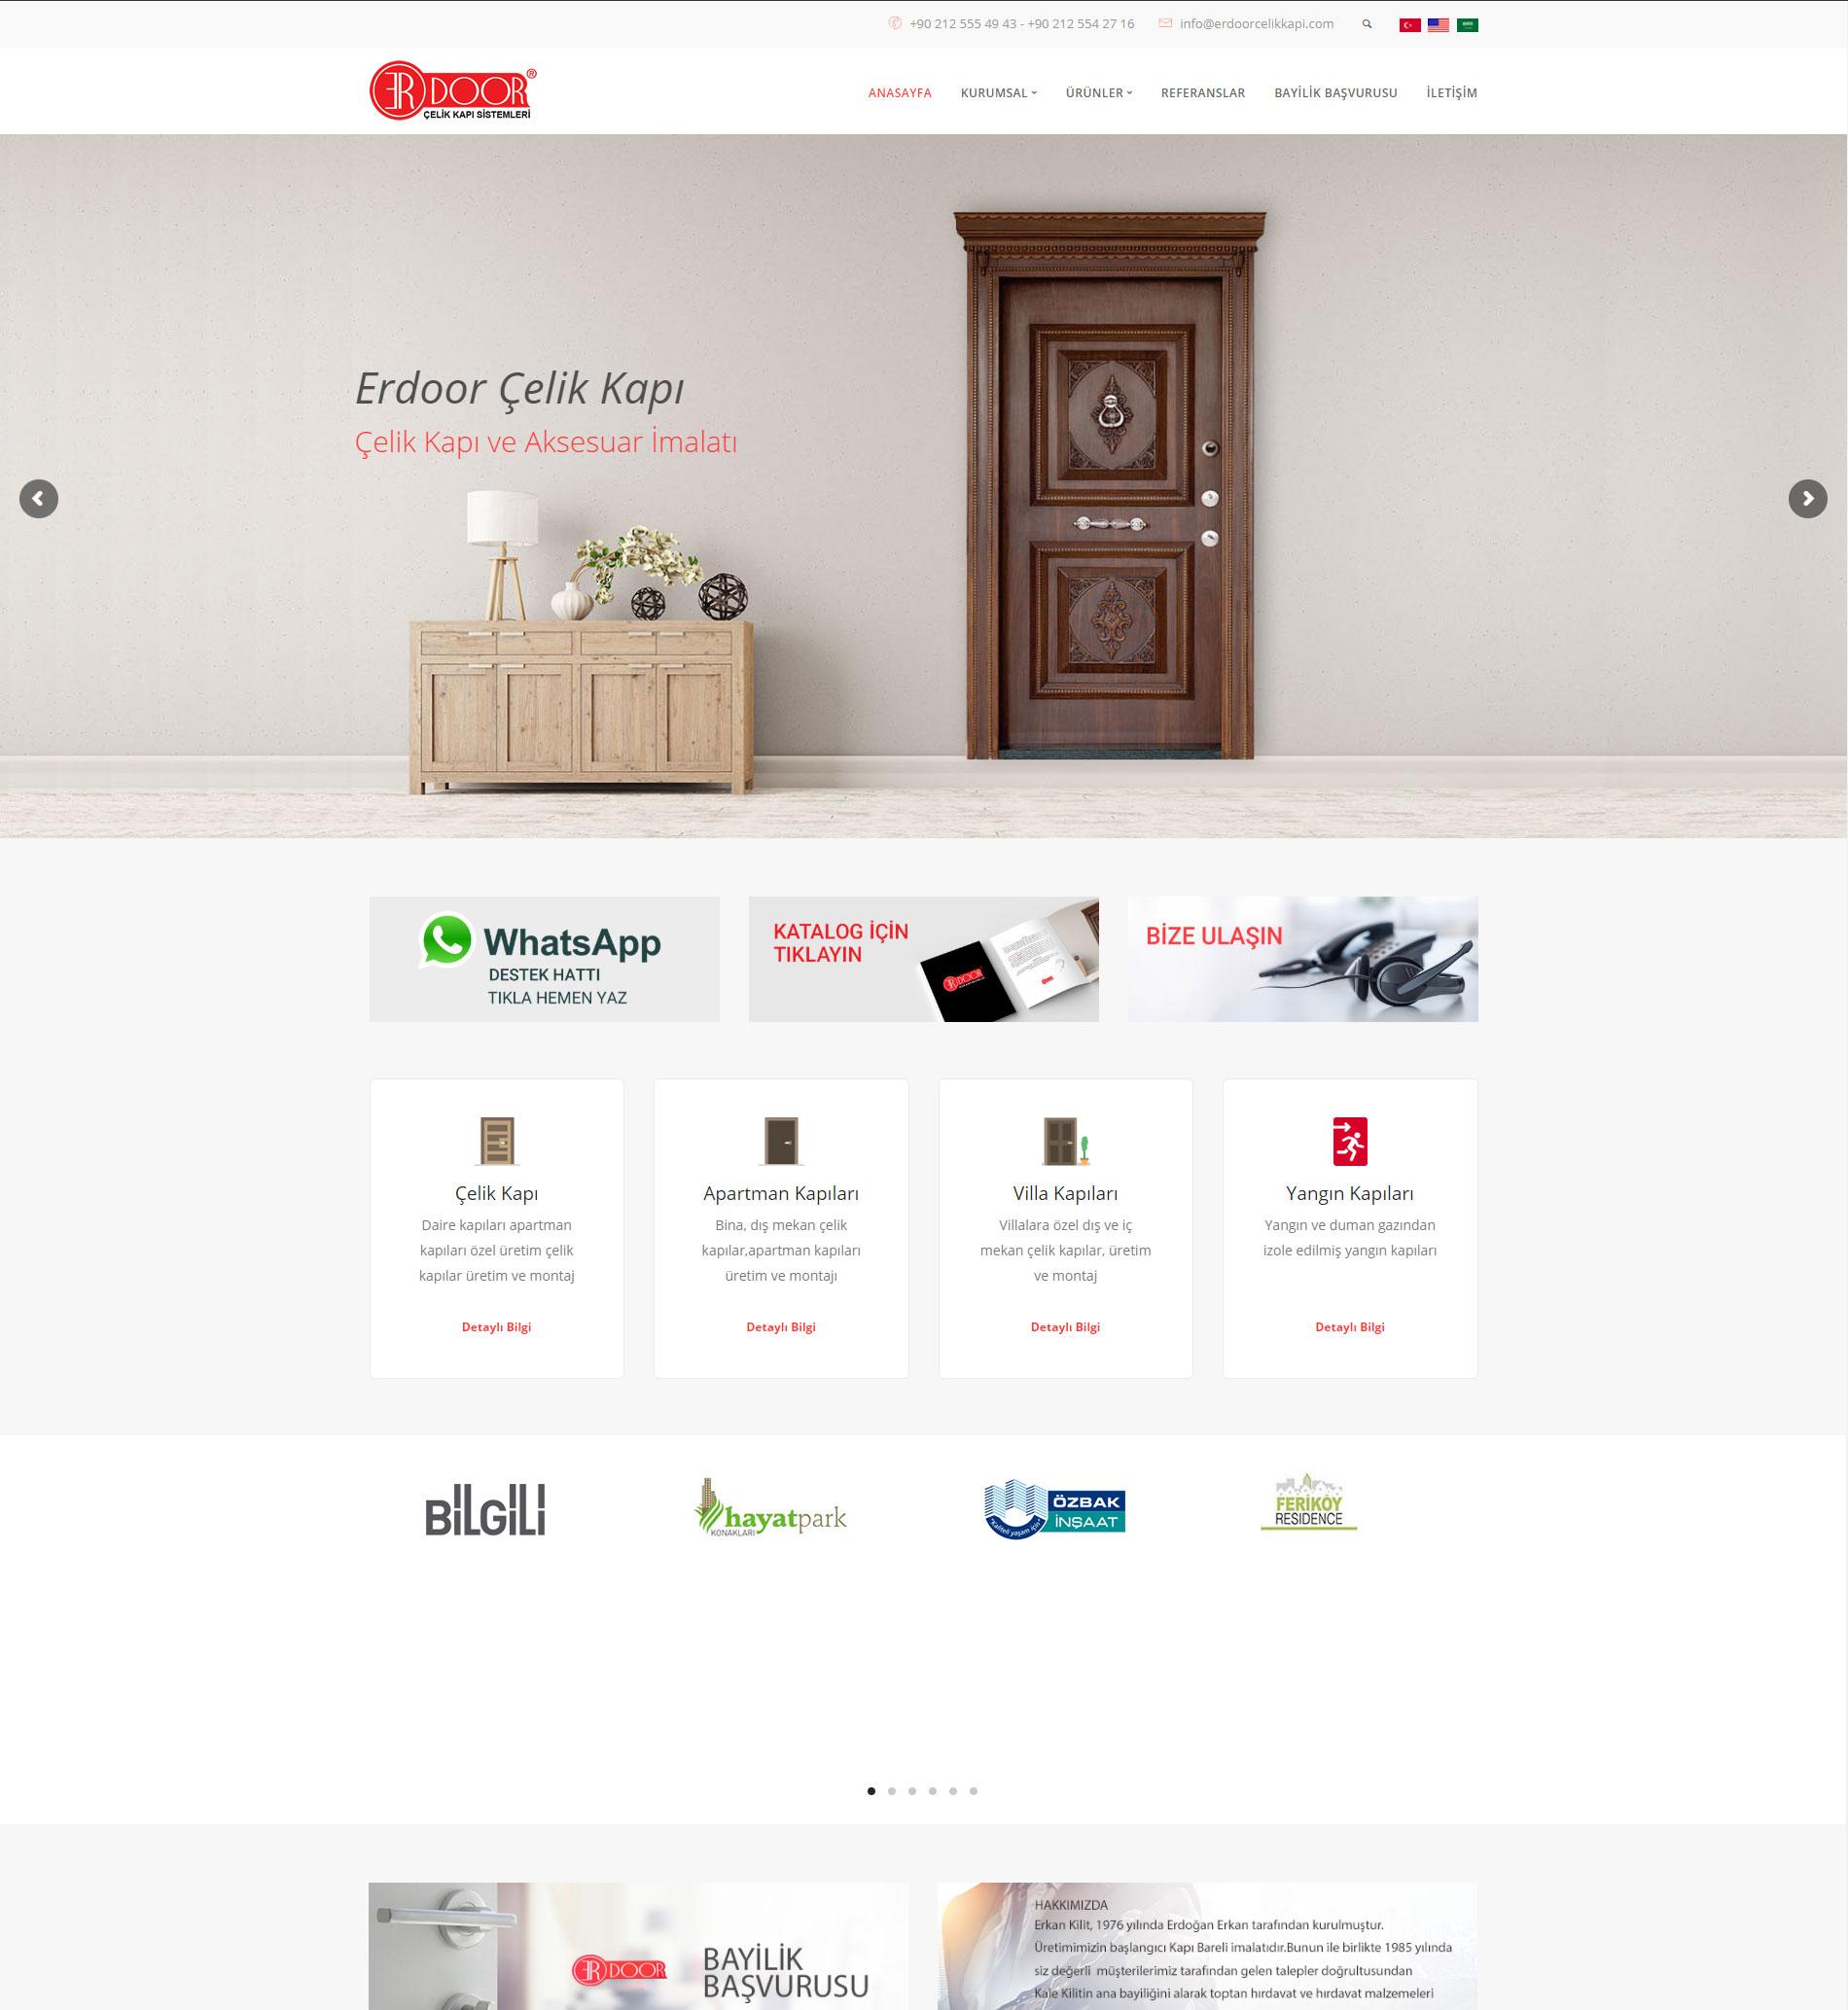 Erdoor Çelik Kapı & Web Tasarım